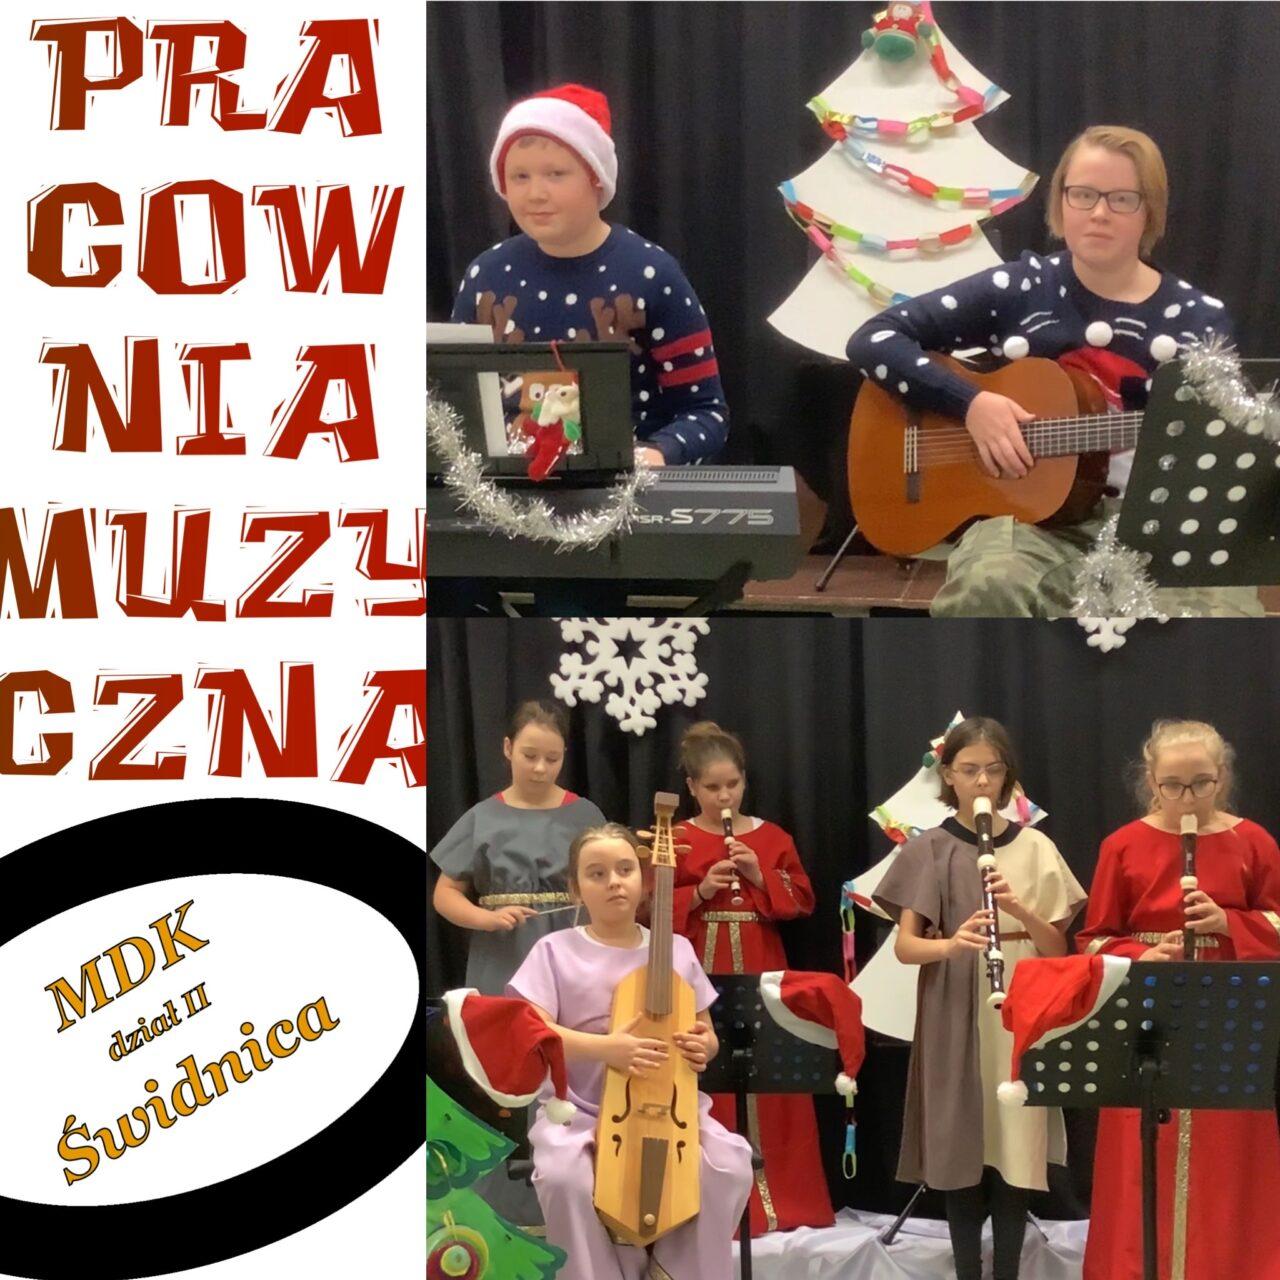 """Sukces Tosi i Radka oraz zespołu """"Totus Musicus"""" na XXVI Ogólnopolskim Festiwalu Kolęd w Puławach!"""